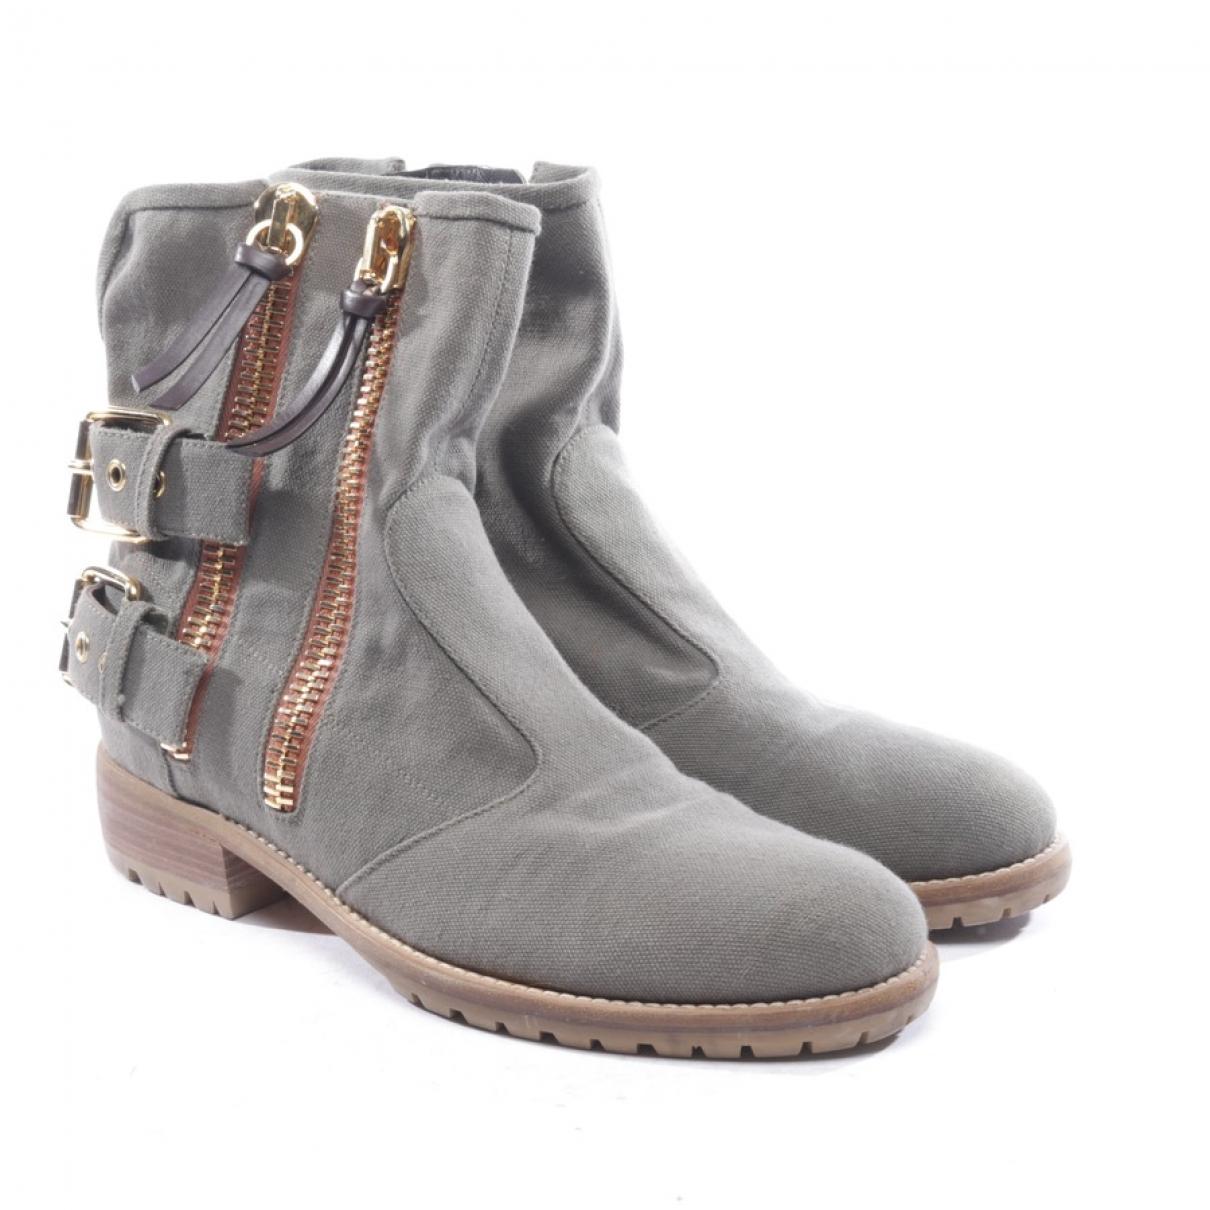 Giuseppe Zanotti - Boots   pour femme en toile - gris